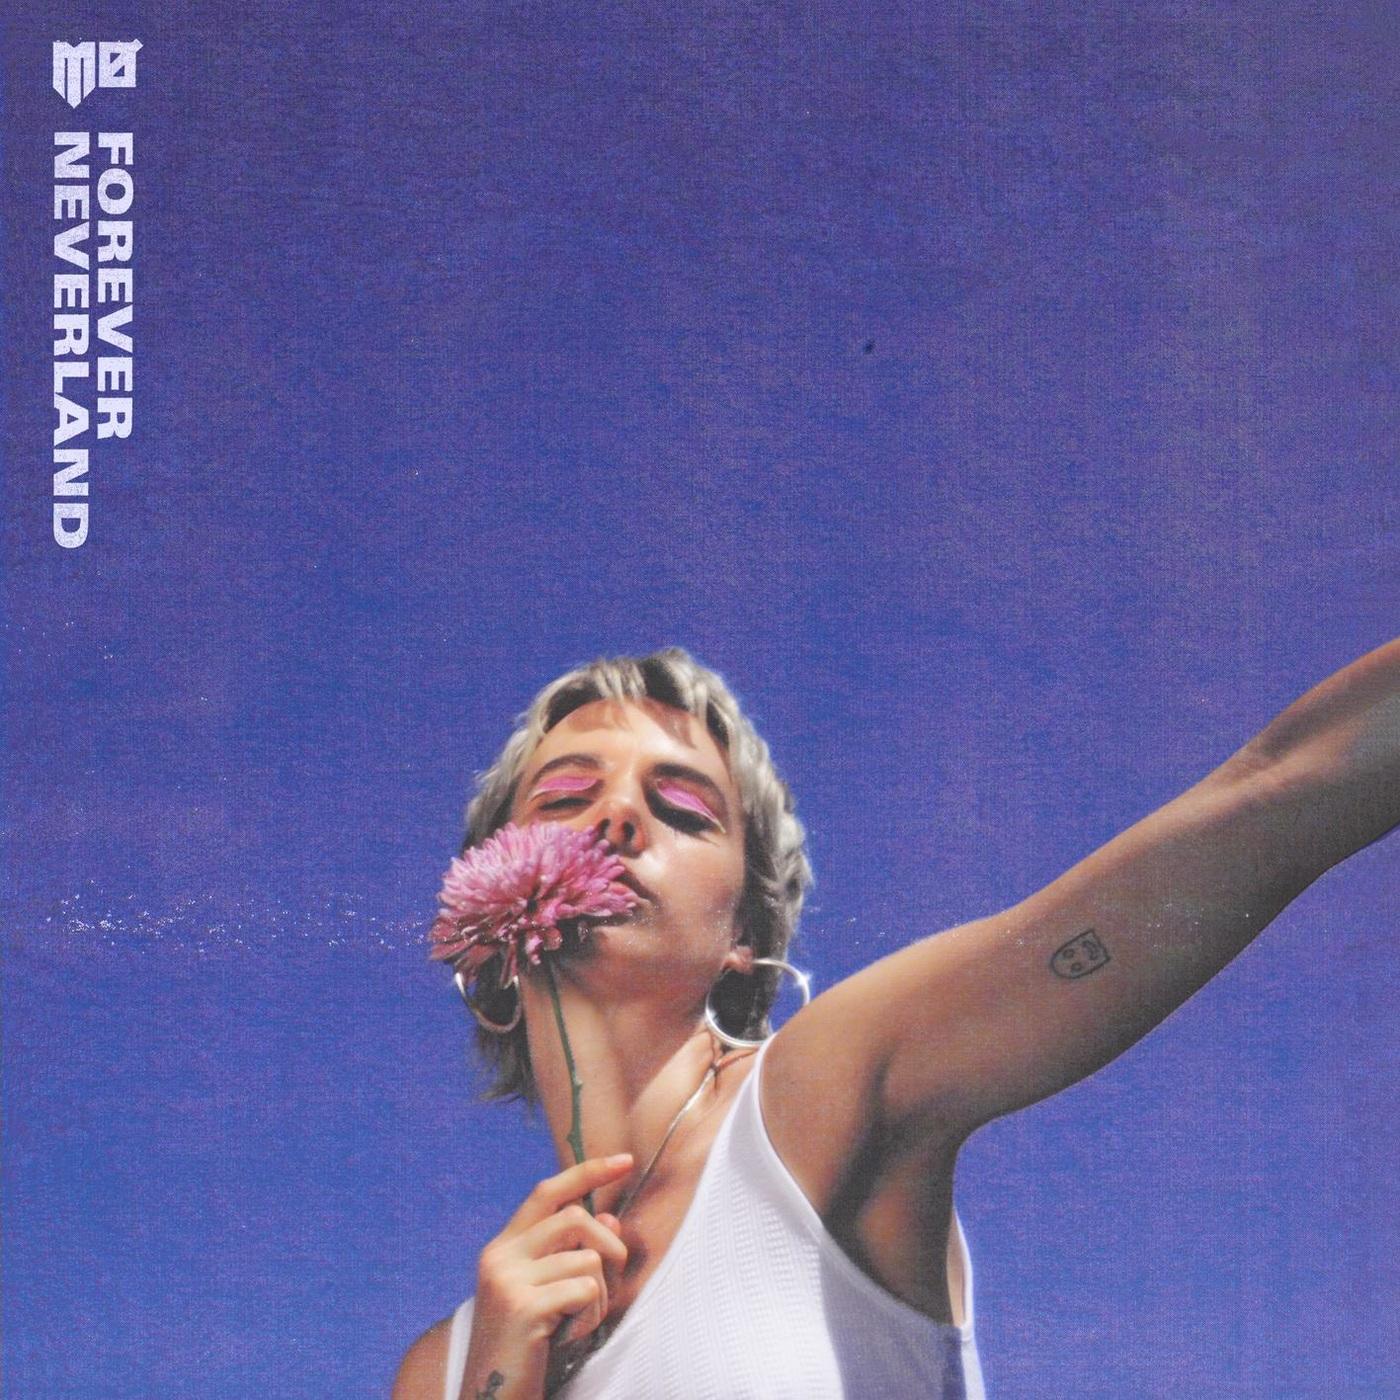 """Résultat de recherche d'images pour """"forever neverland album cover"""""""